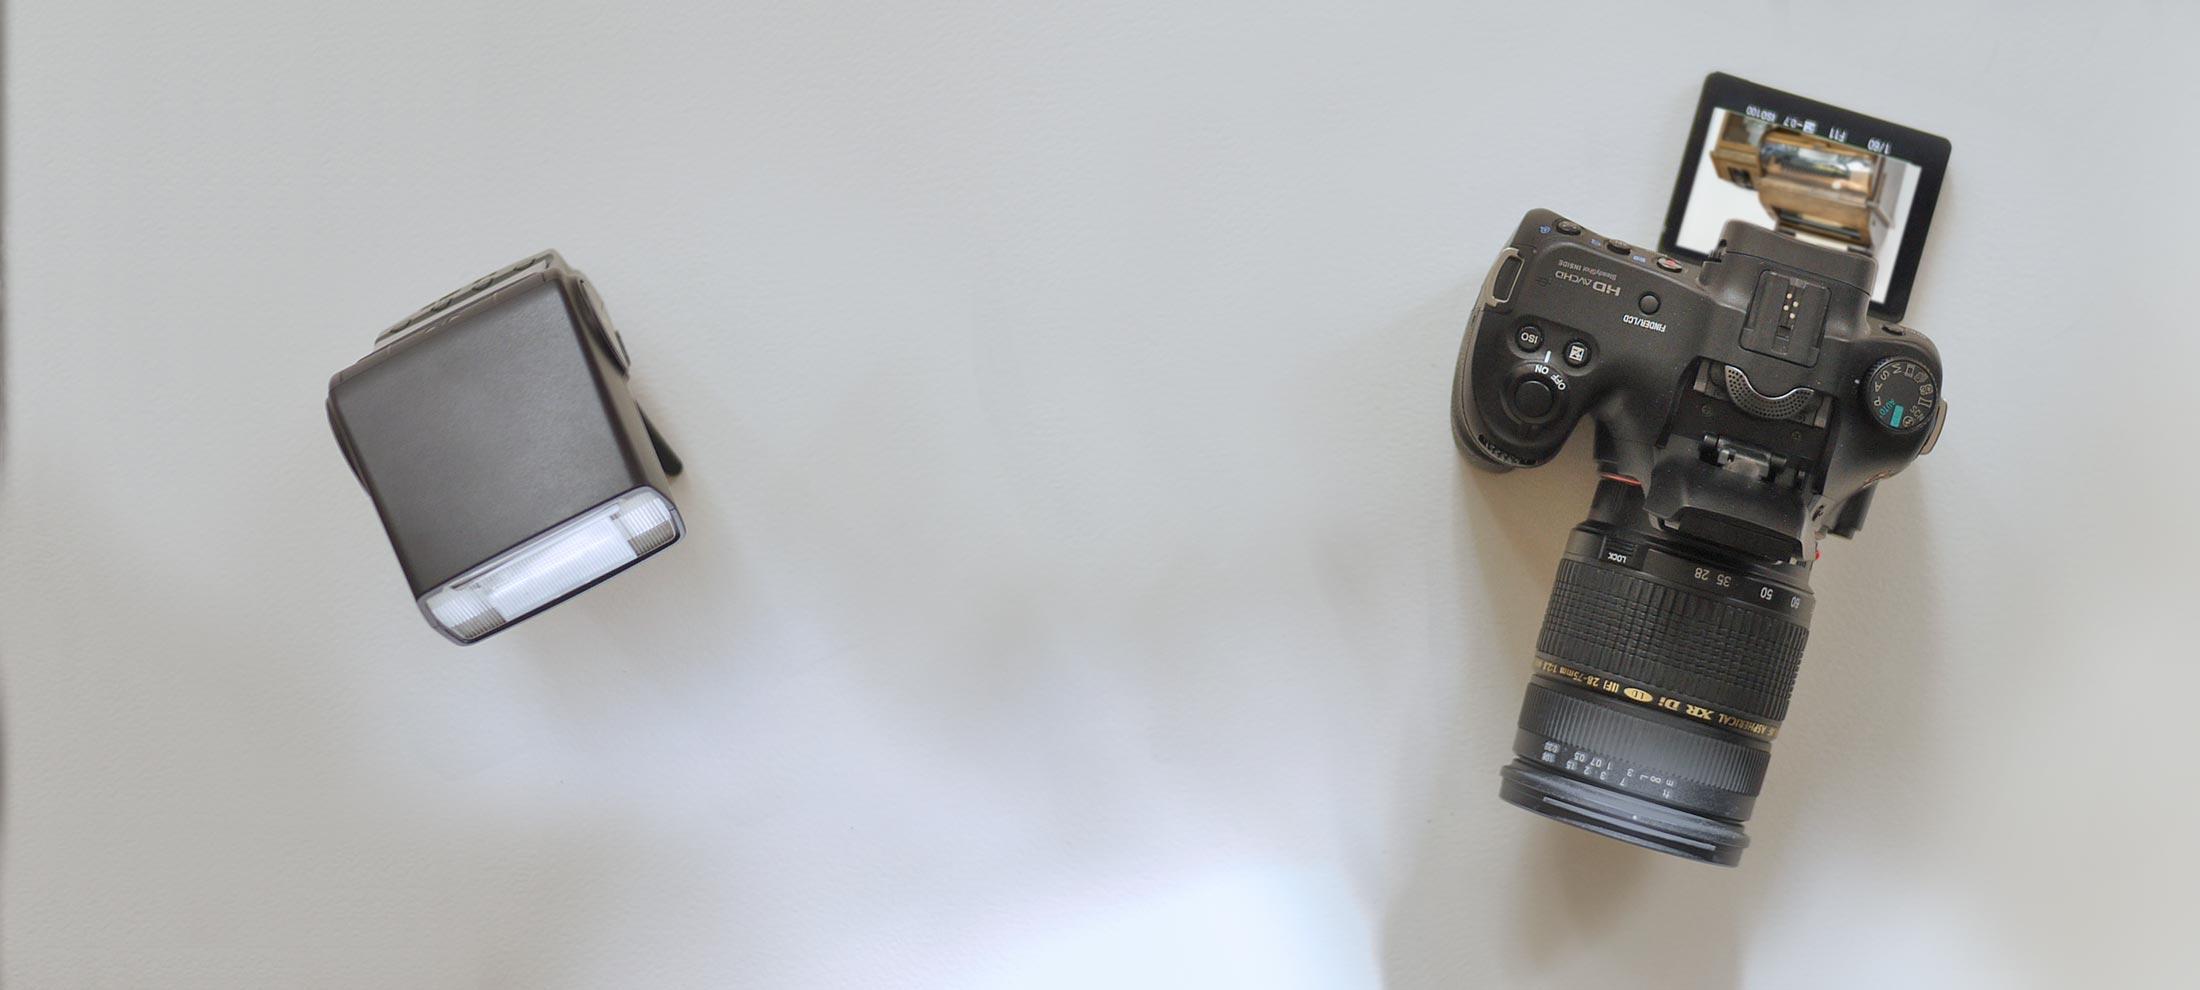 7 tipps fotos mit blitz bei sonnenschein und gegenlicht. Black Bedroom Furniture Sets. Home Design Ideas